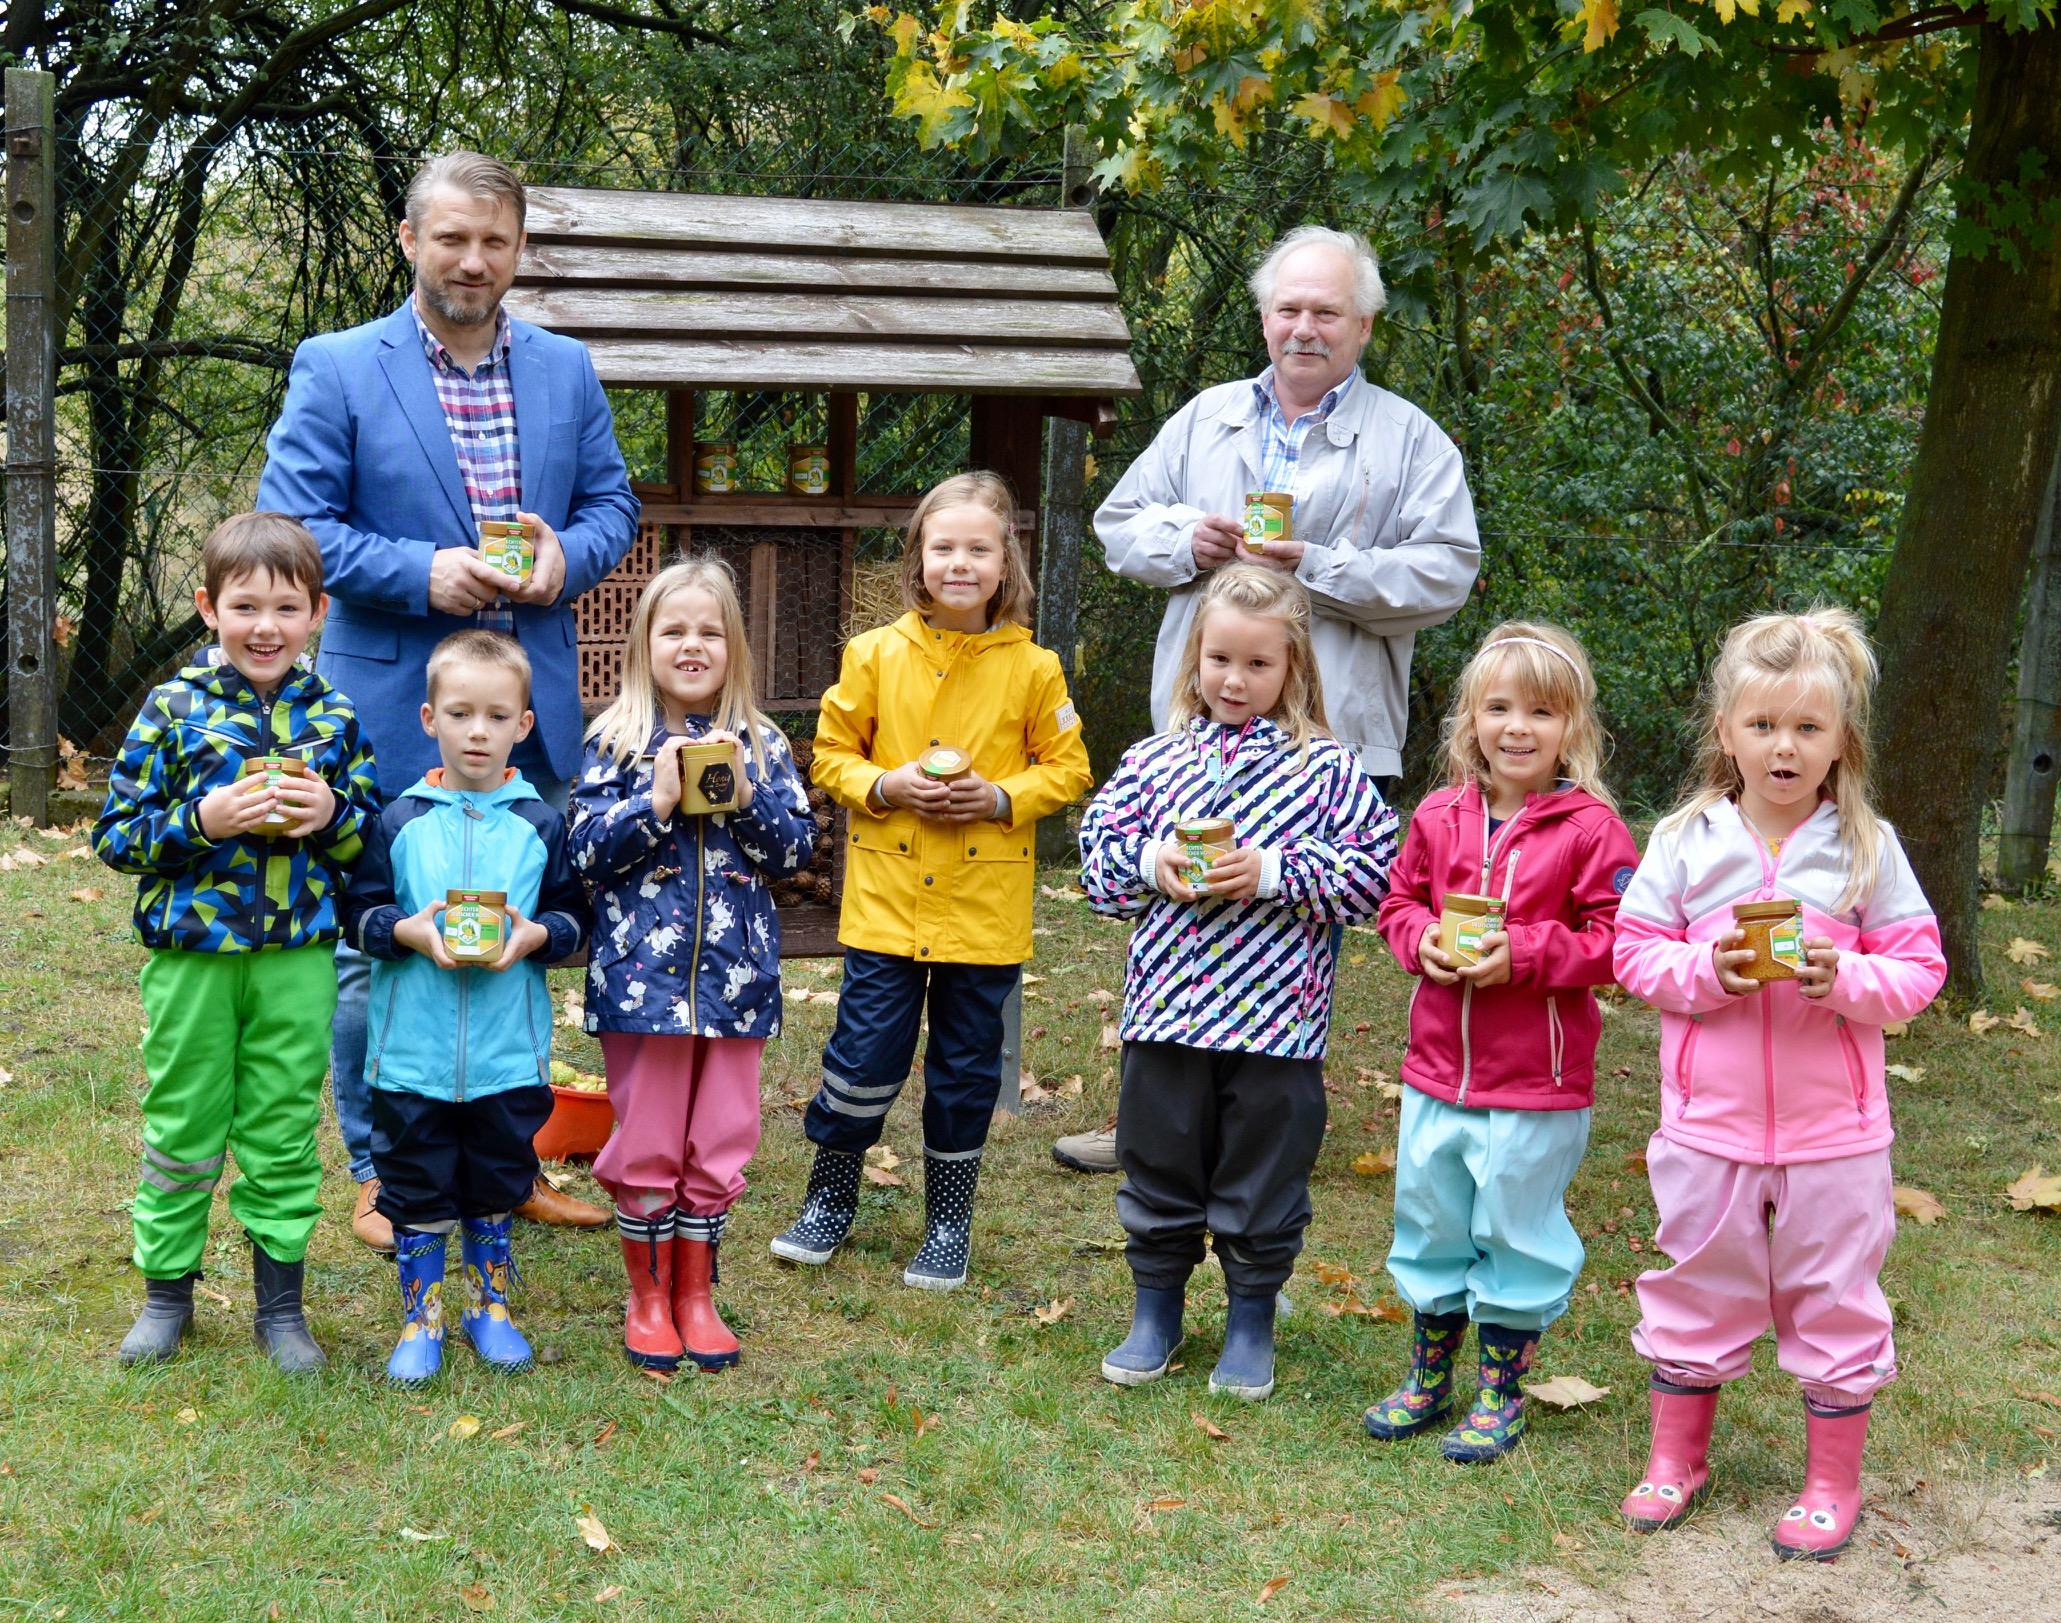 """Kinder der Kindertagesstätte """"Haus Sonnenschein"""" präsentieren stolz ihre Honigspenden zusammen mit dem Bürgermeister Sven Hause und Honigobmann Frank Kaina"""